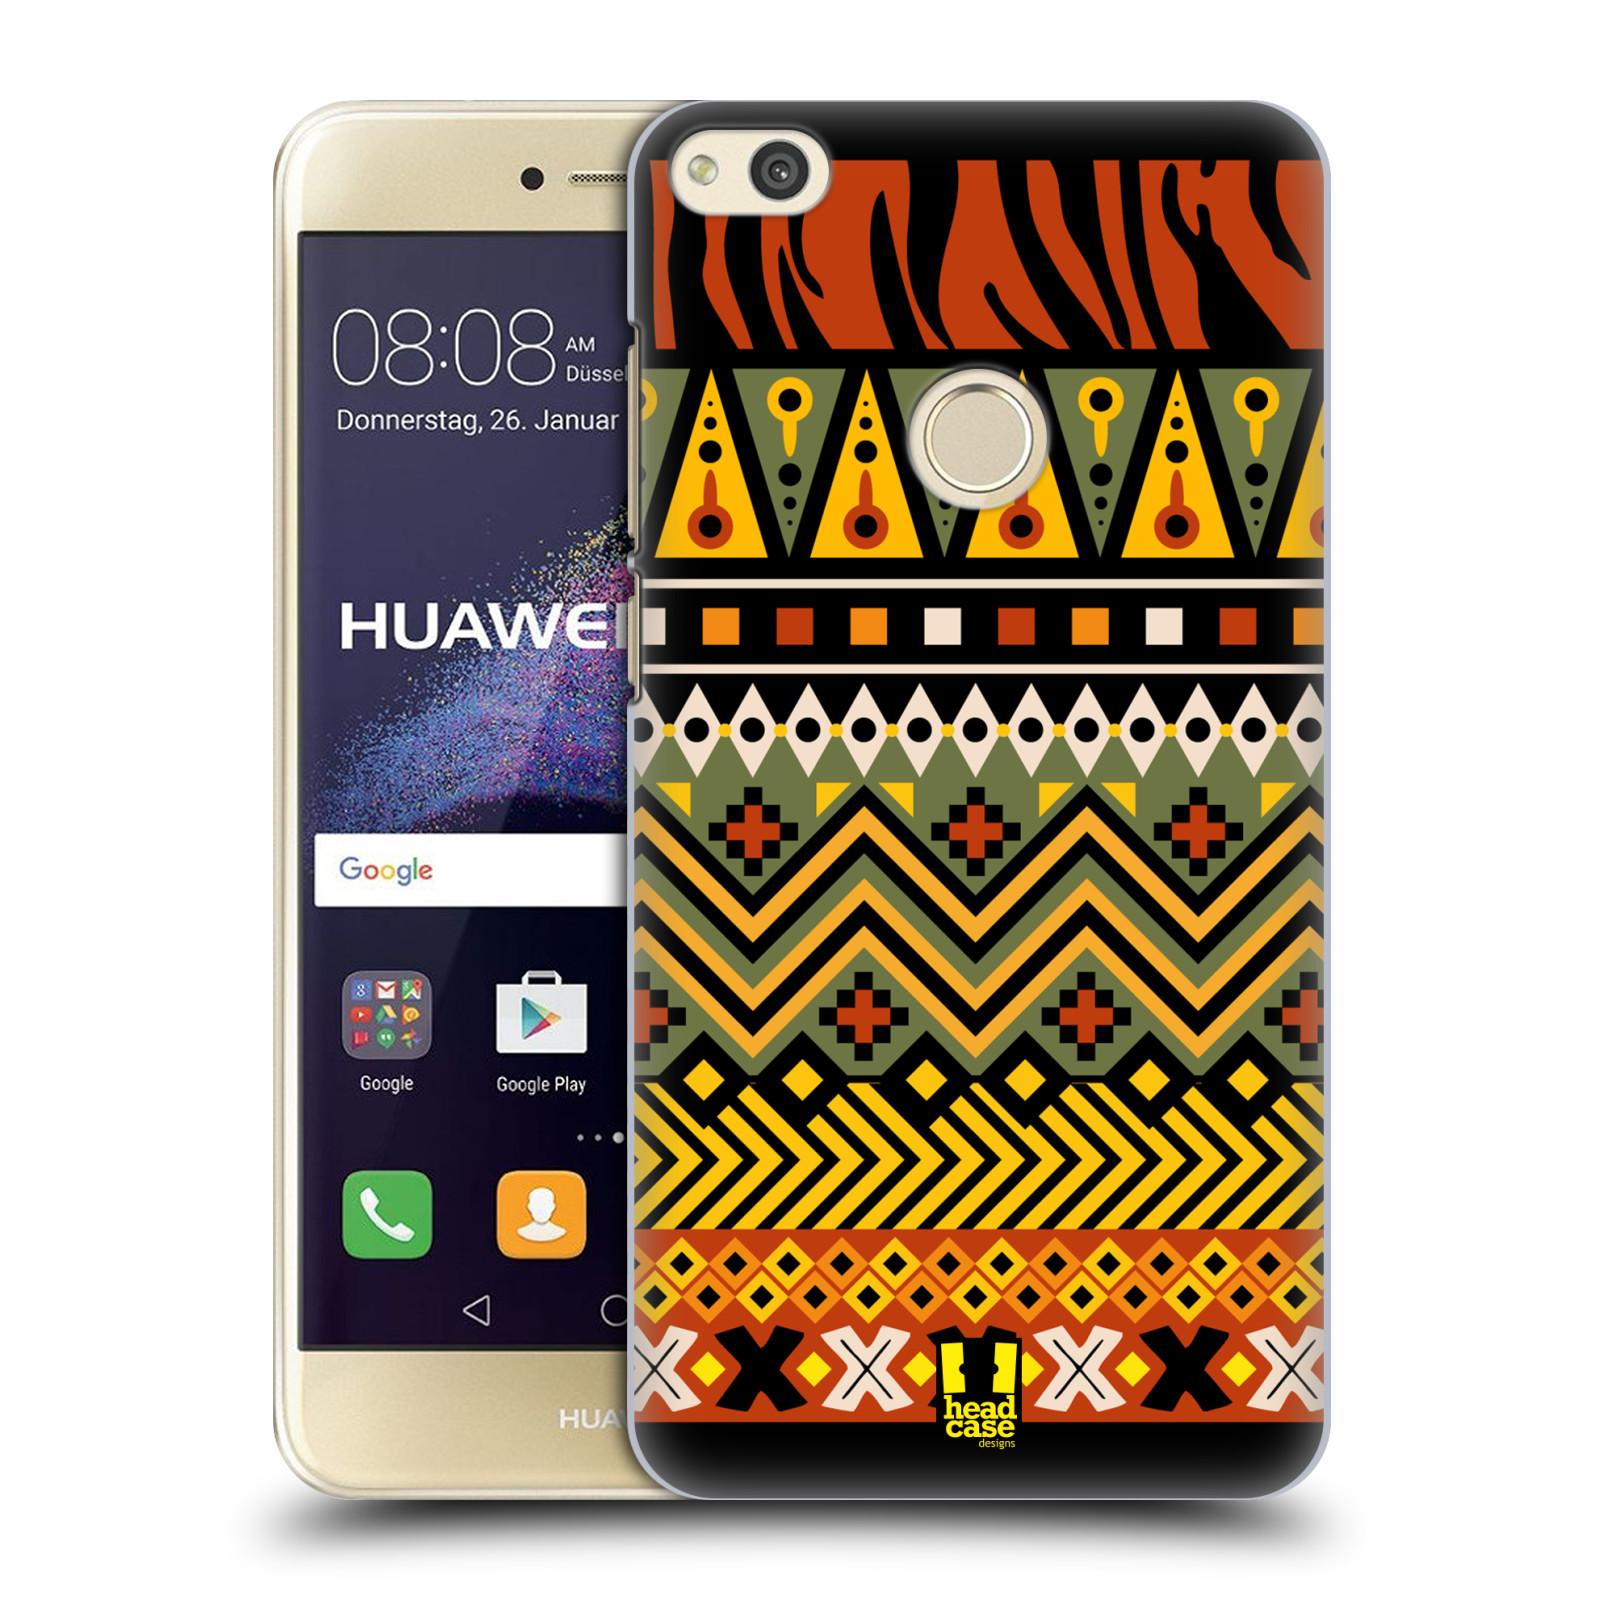 HEAD CASE silikonový obal na mobil Huawei P9 LITE 2017 vzor Africké motivy  2 DŽUNGLE 4f12693c0f8